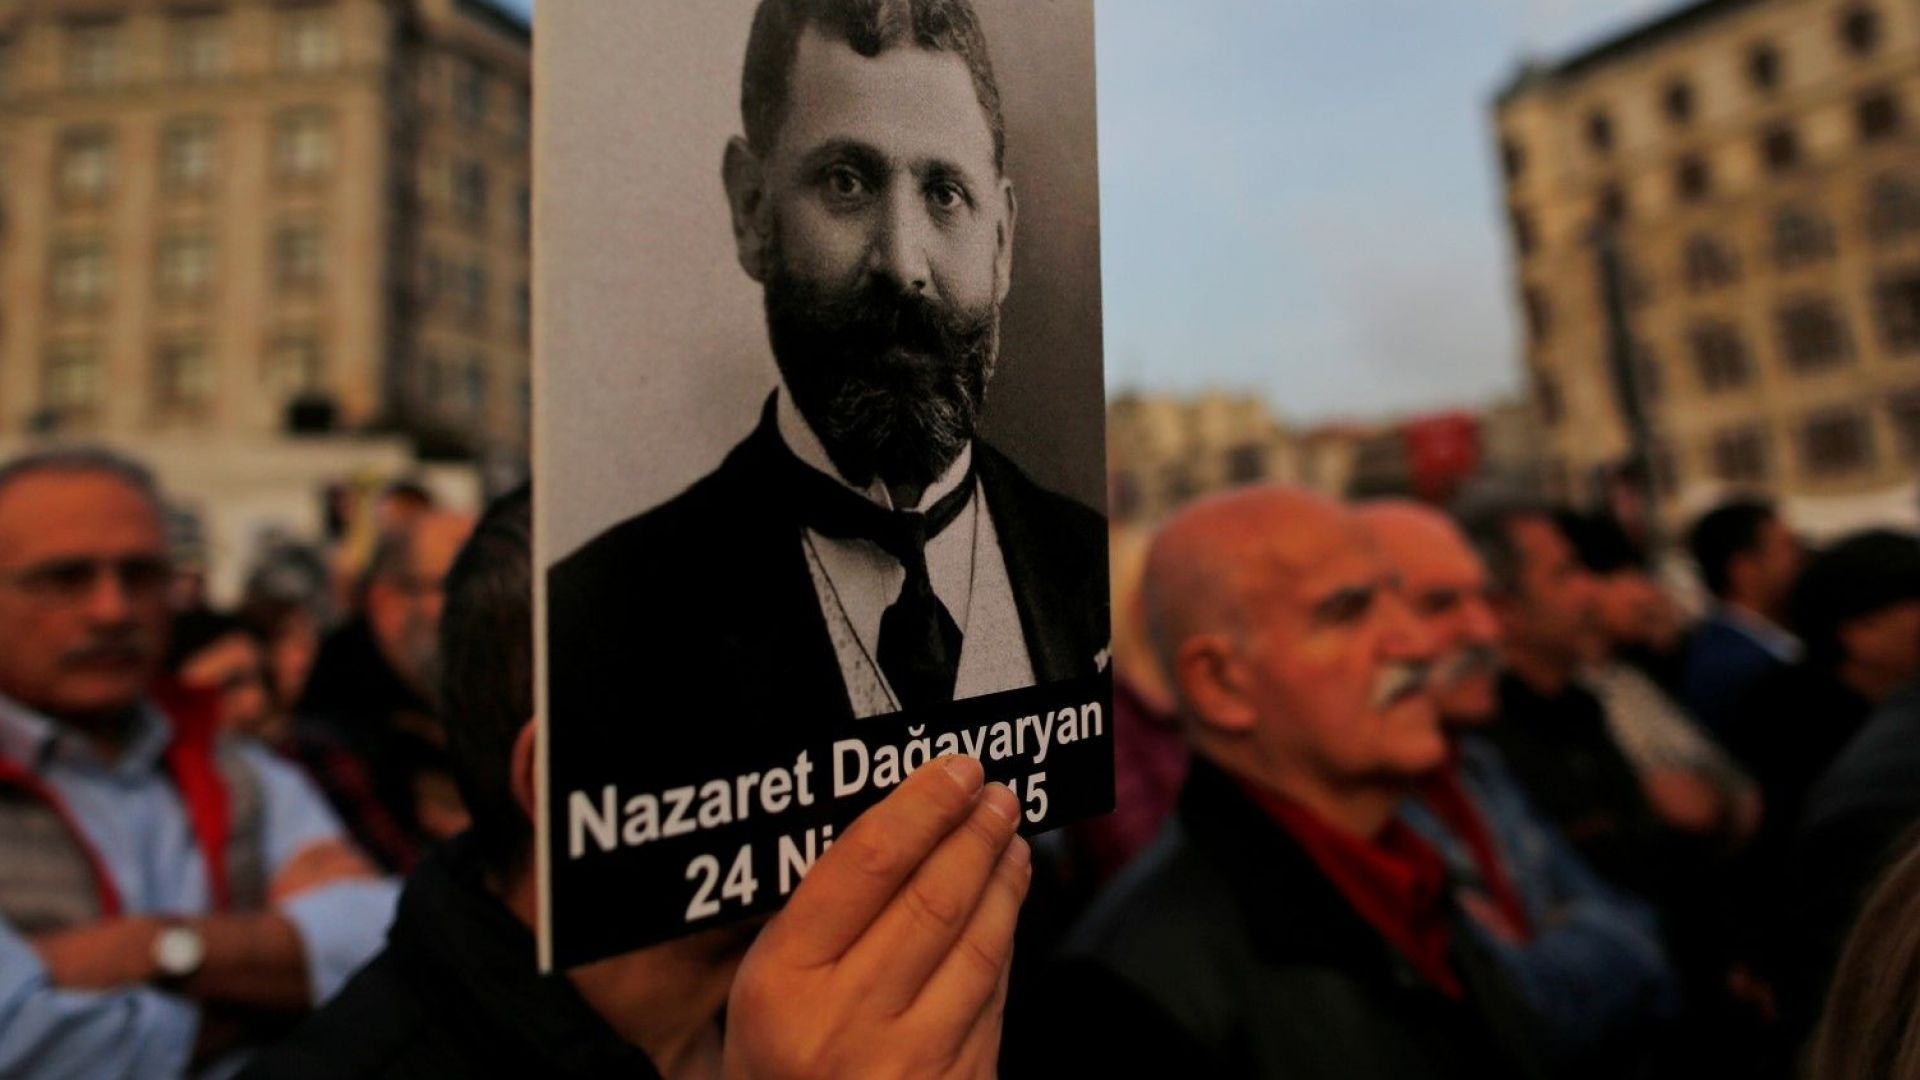 Високо напрежение между Вашингтон и Анкара след две антитурски резолюции на Конгреса